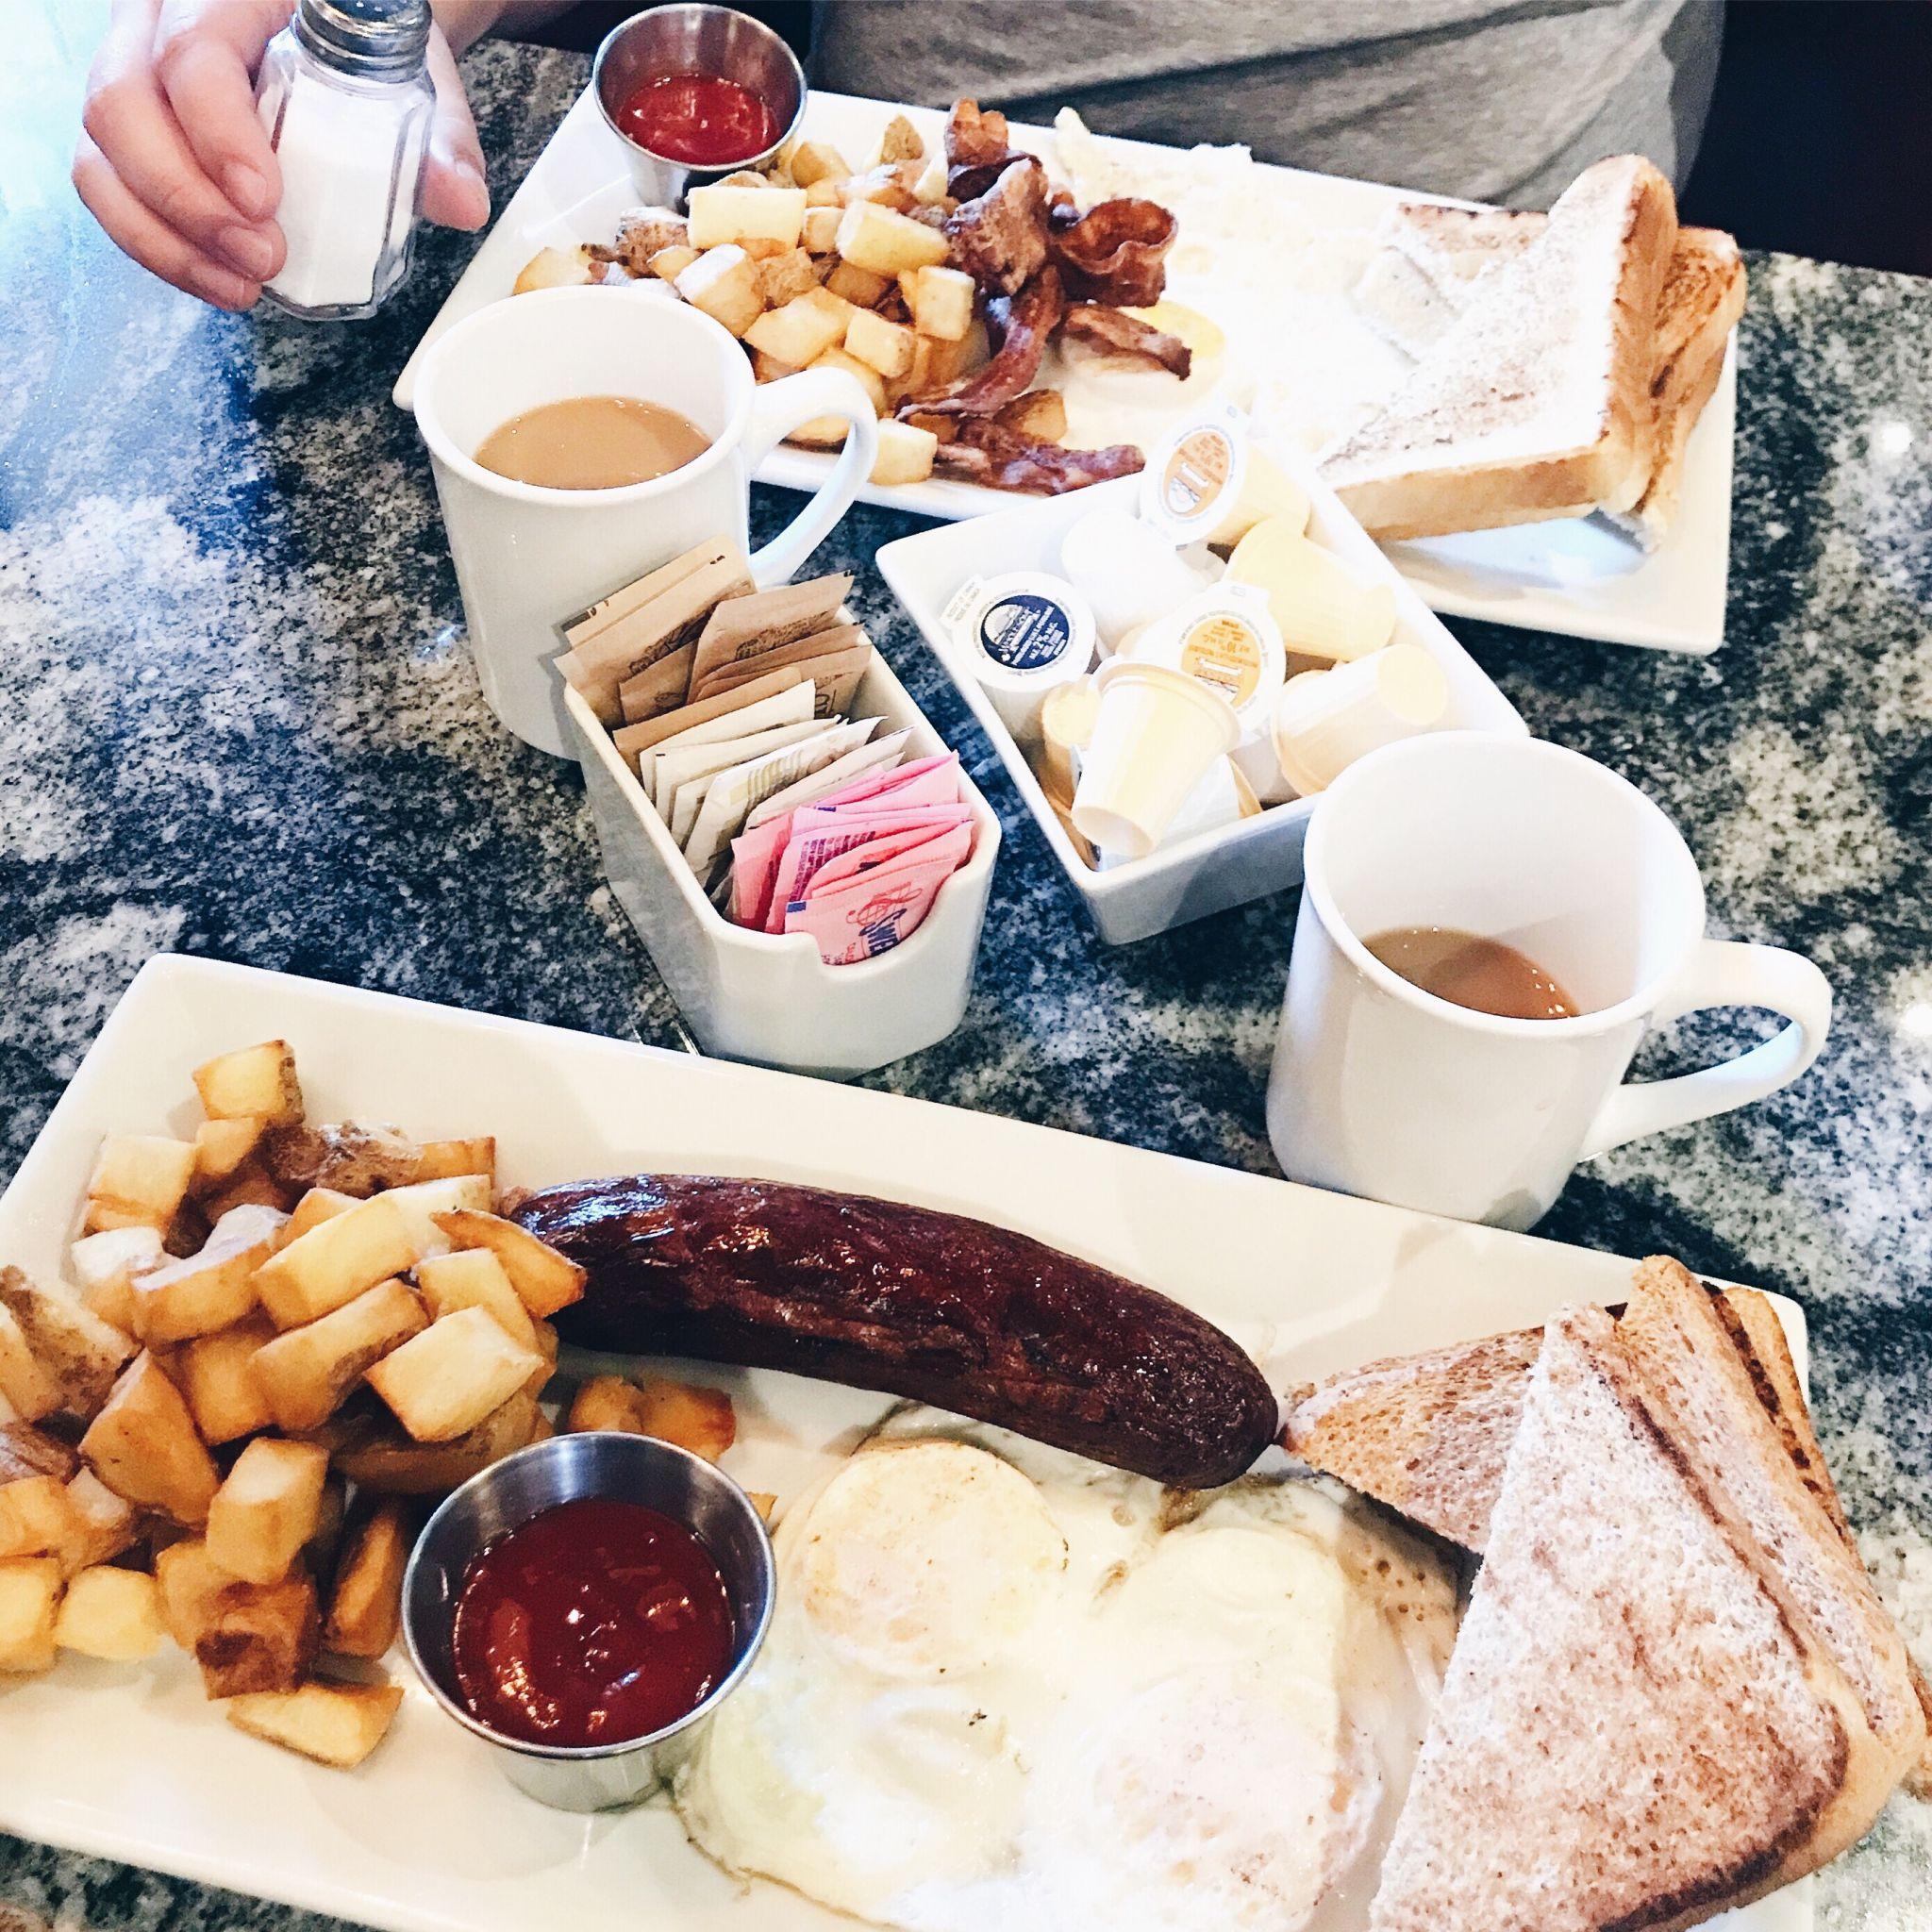 barley mow breakfast ottawa, life with aco, weekend recap